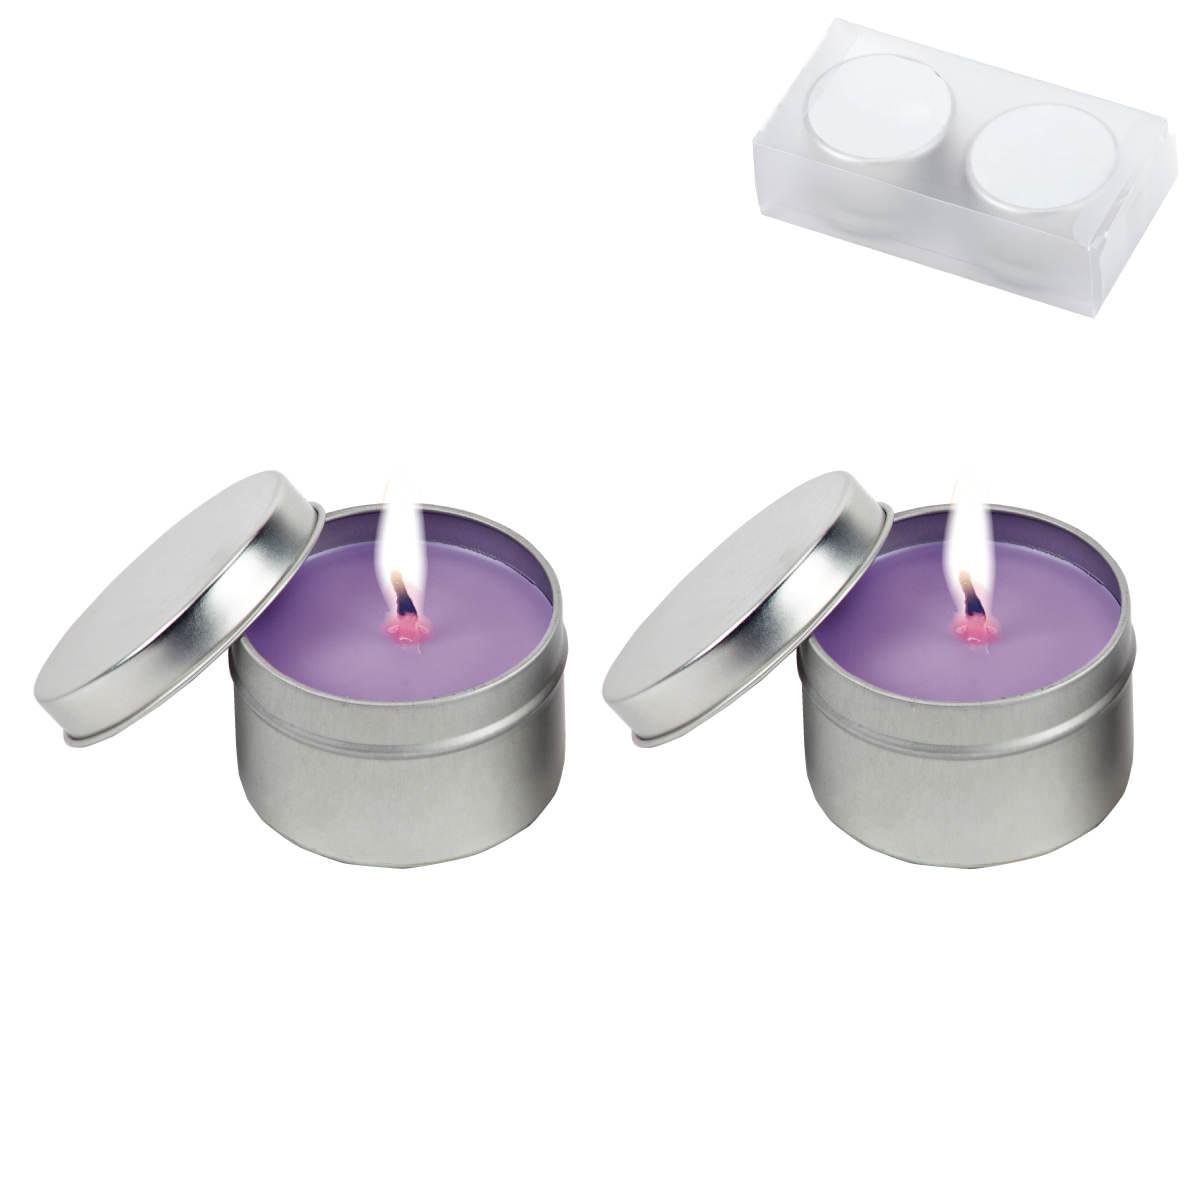 זוג נרות ריחניים בקופסת פח - סנדאי